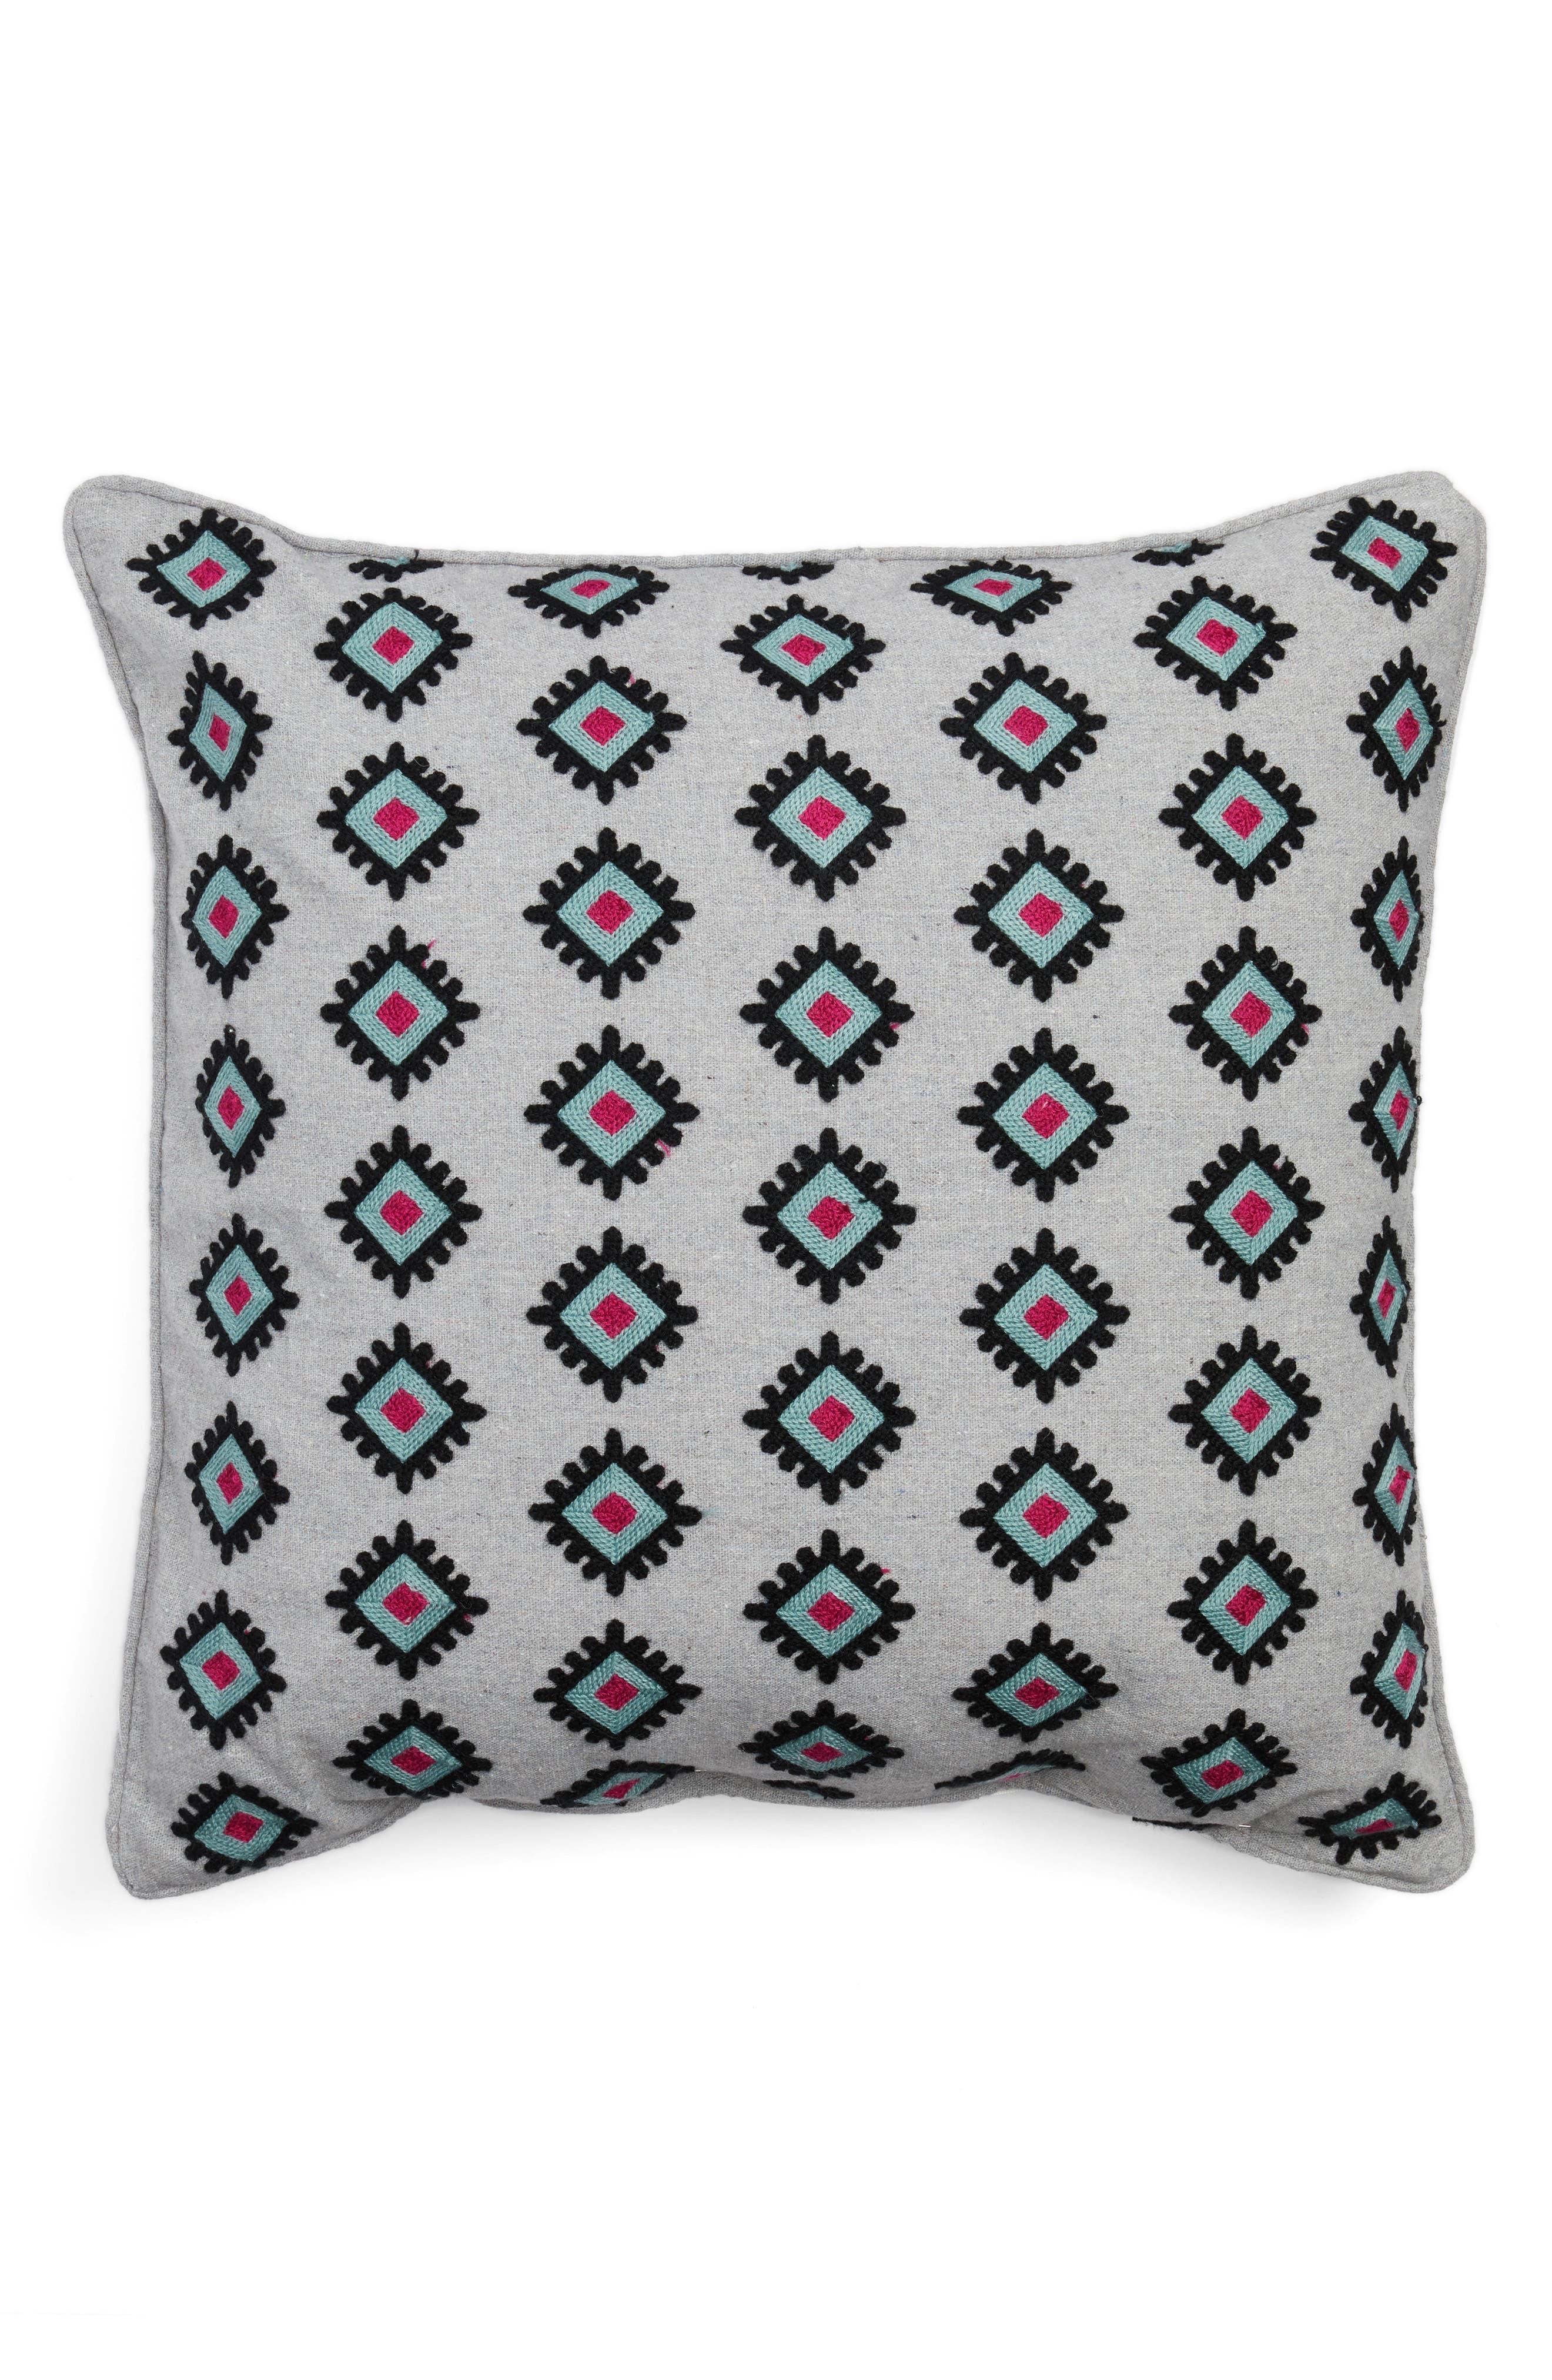 Levtex Nala Towel Stitch Accent Pillow